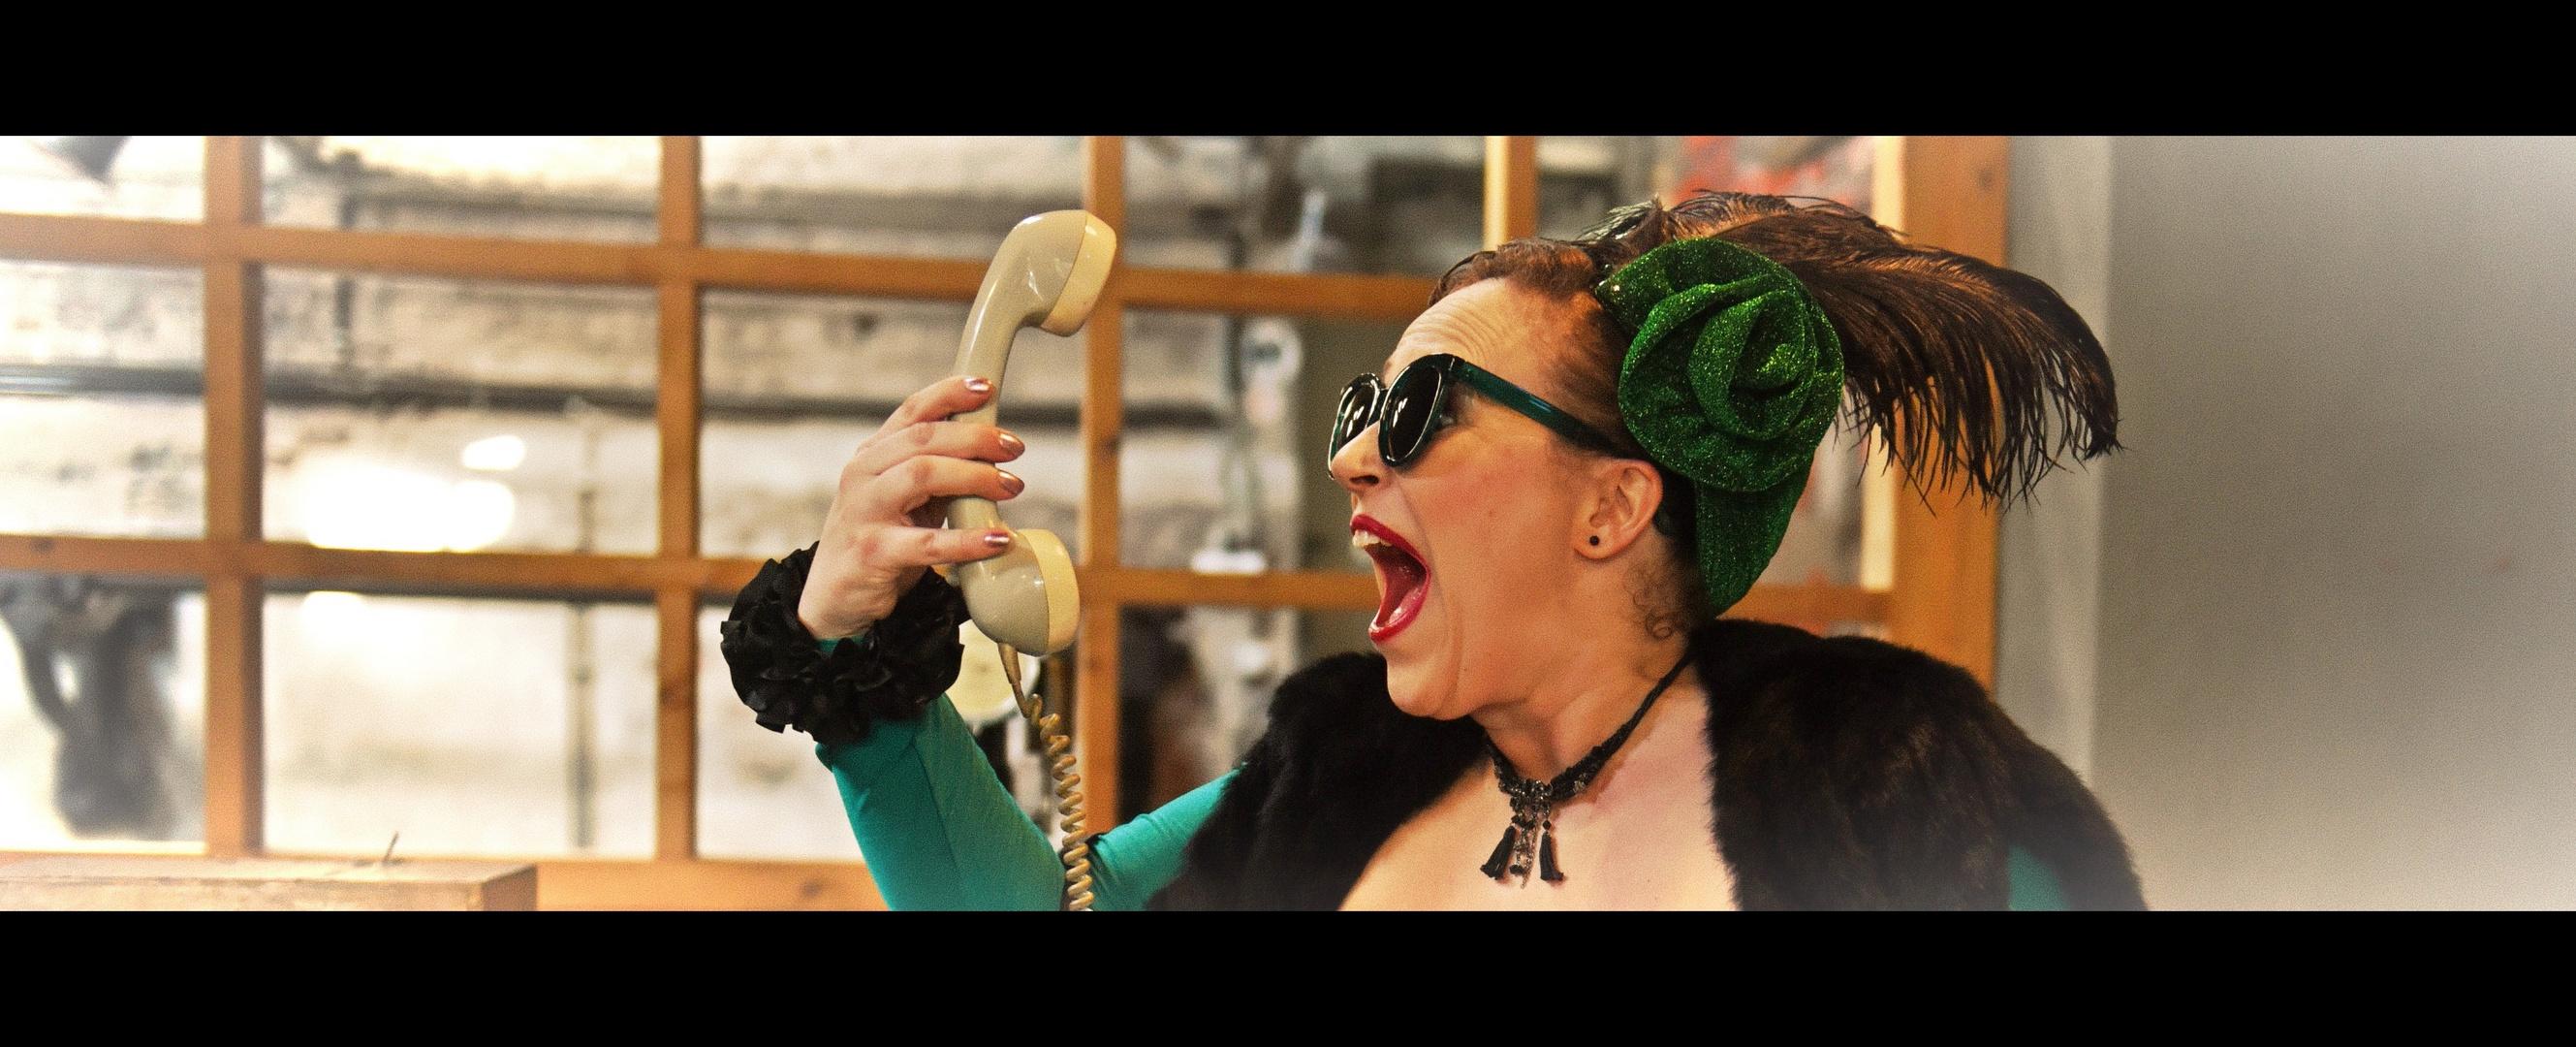 ich HASSE telefonieren!